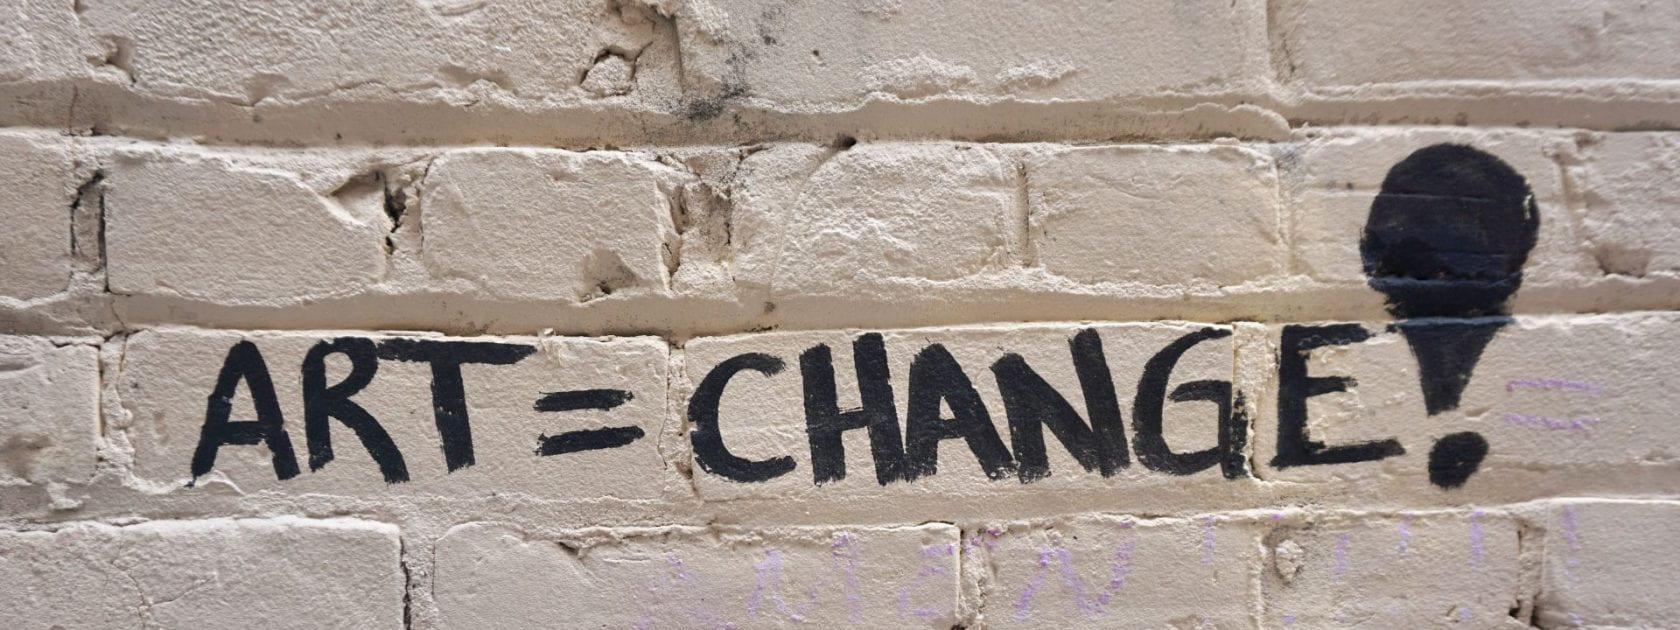 Graffiti on a brick wall that reads ART=CHANGE!